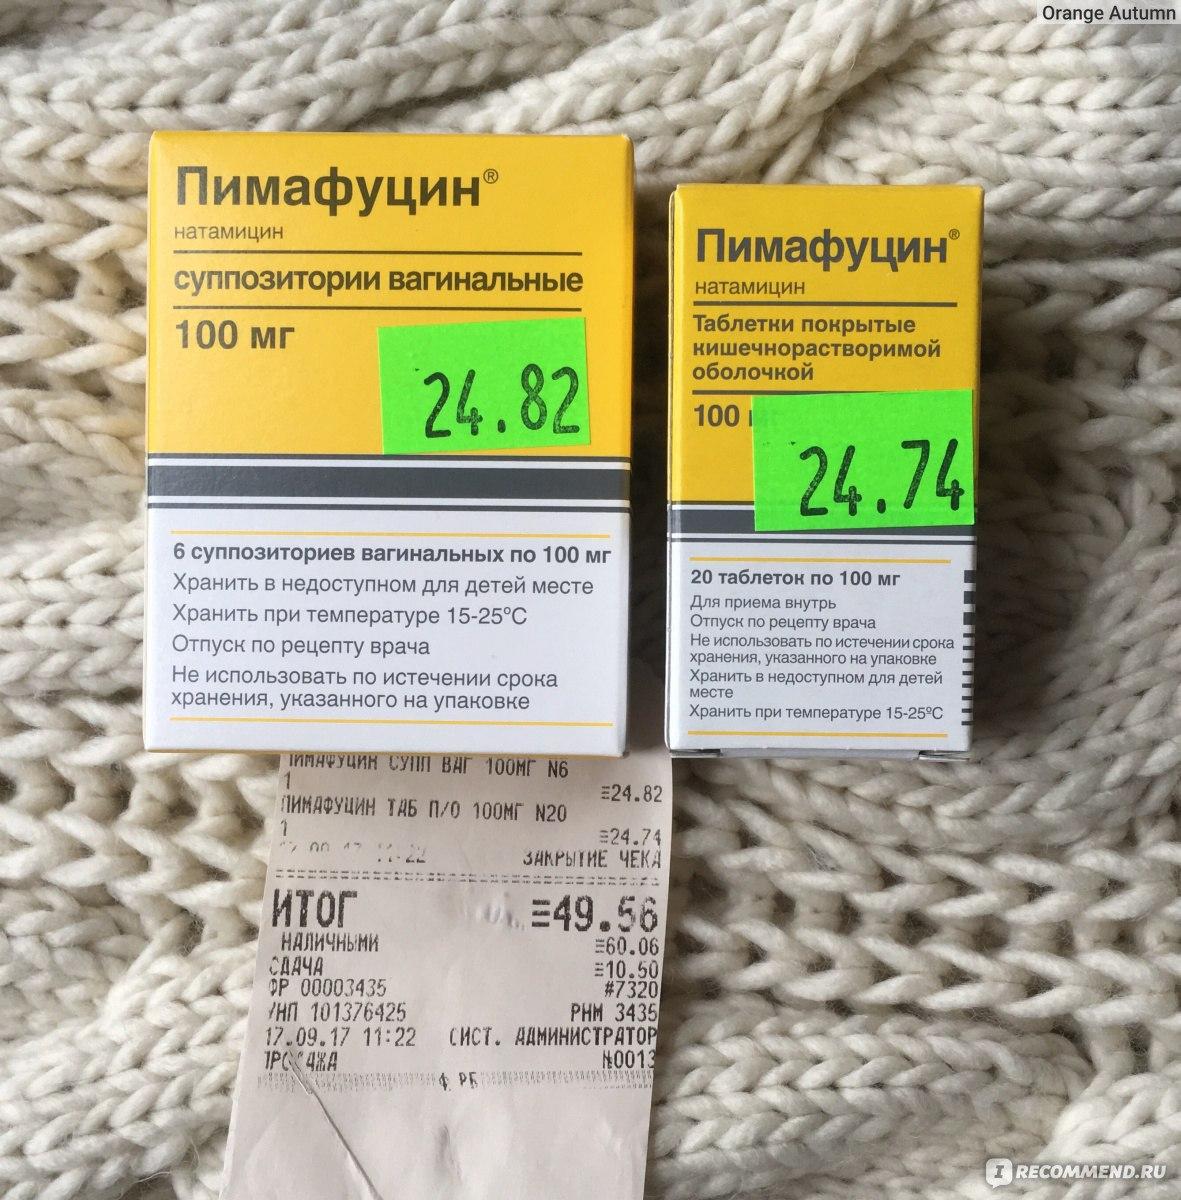 Пимафуцин отзывы при беременности 1 триместр